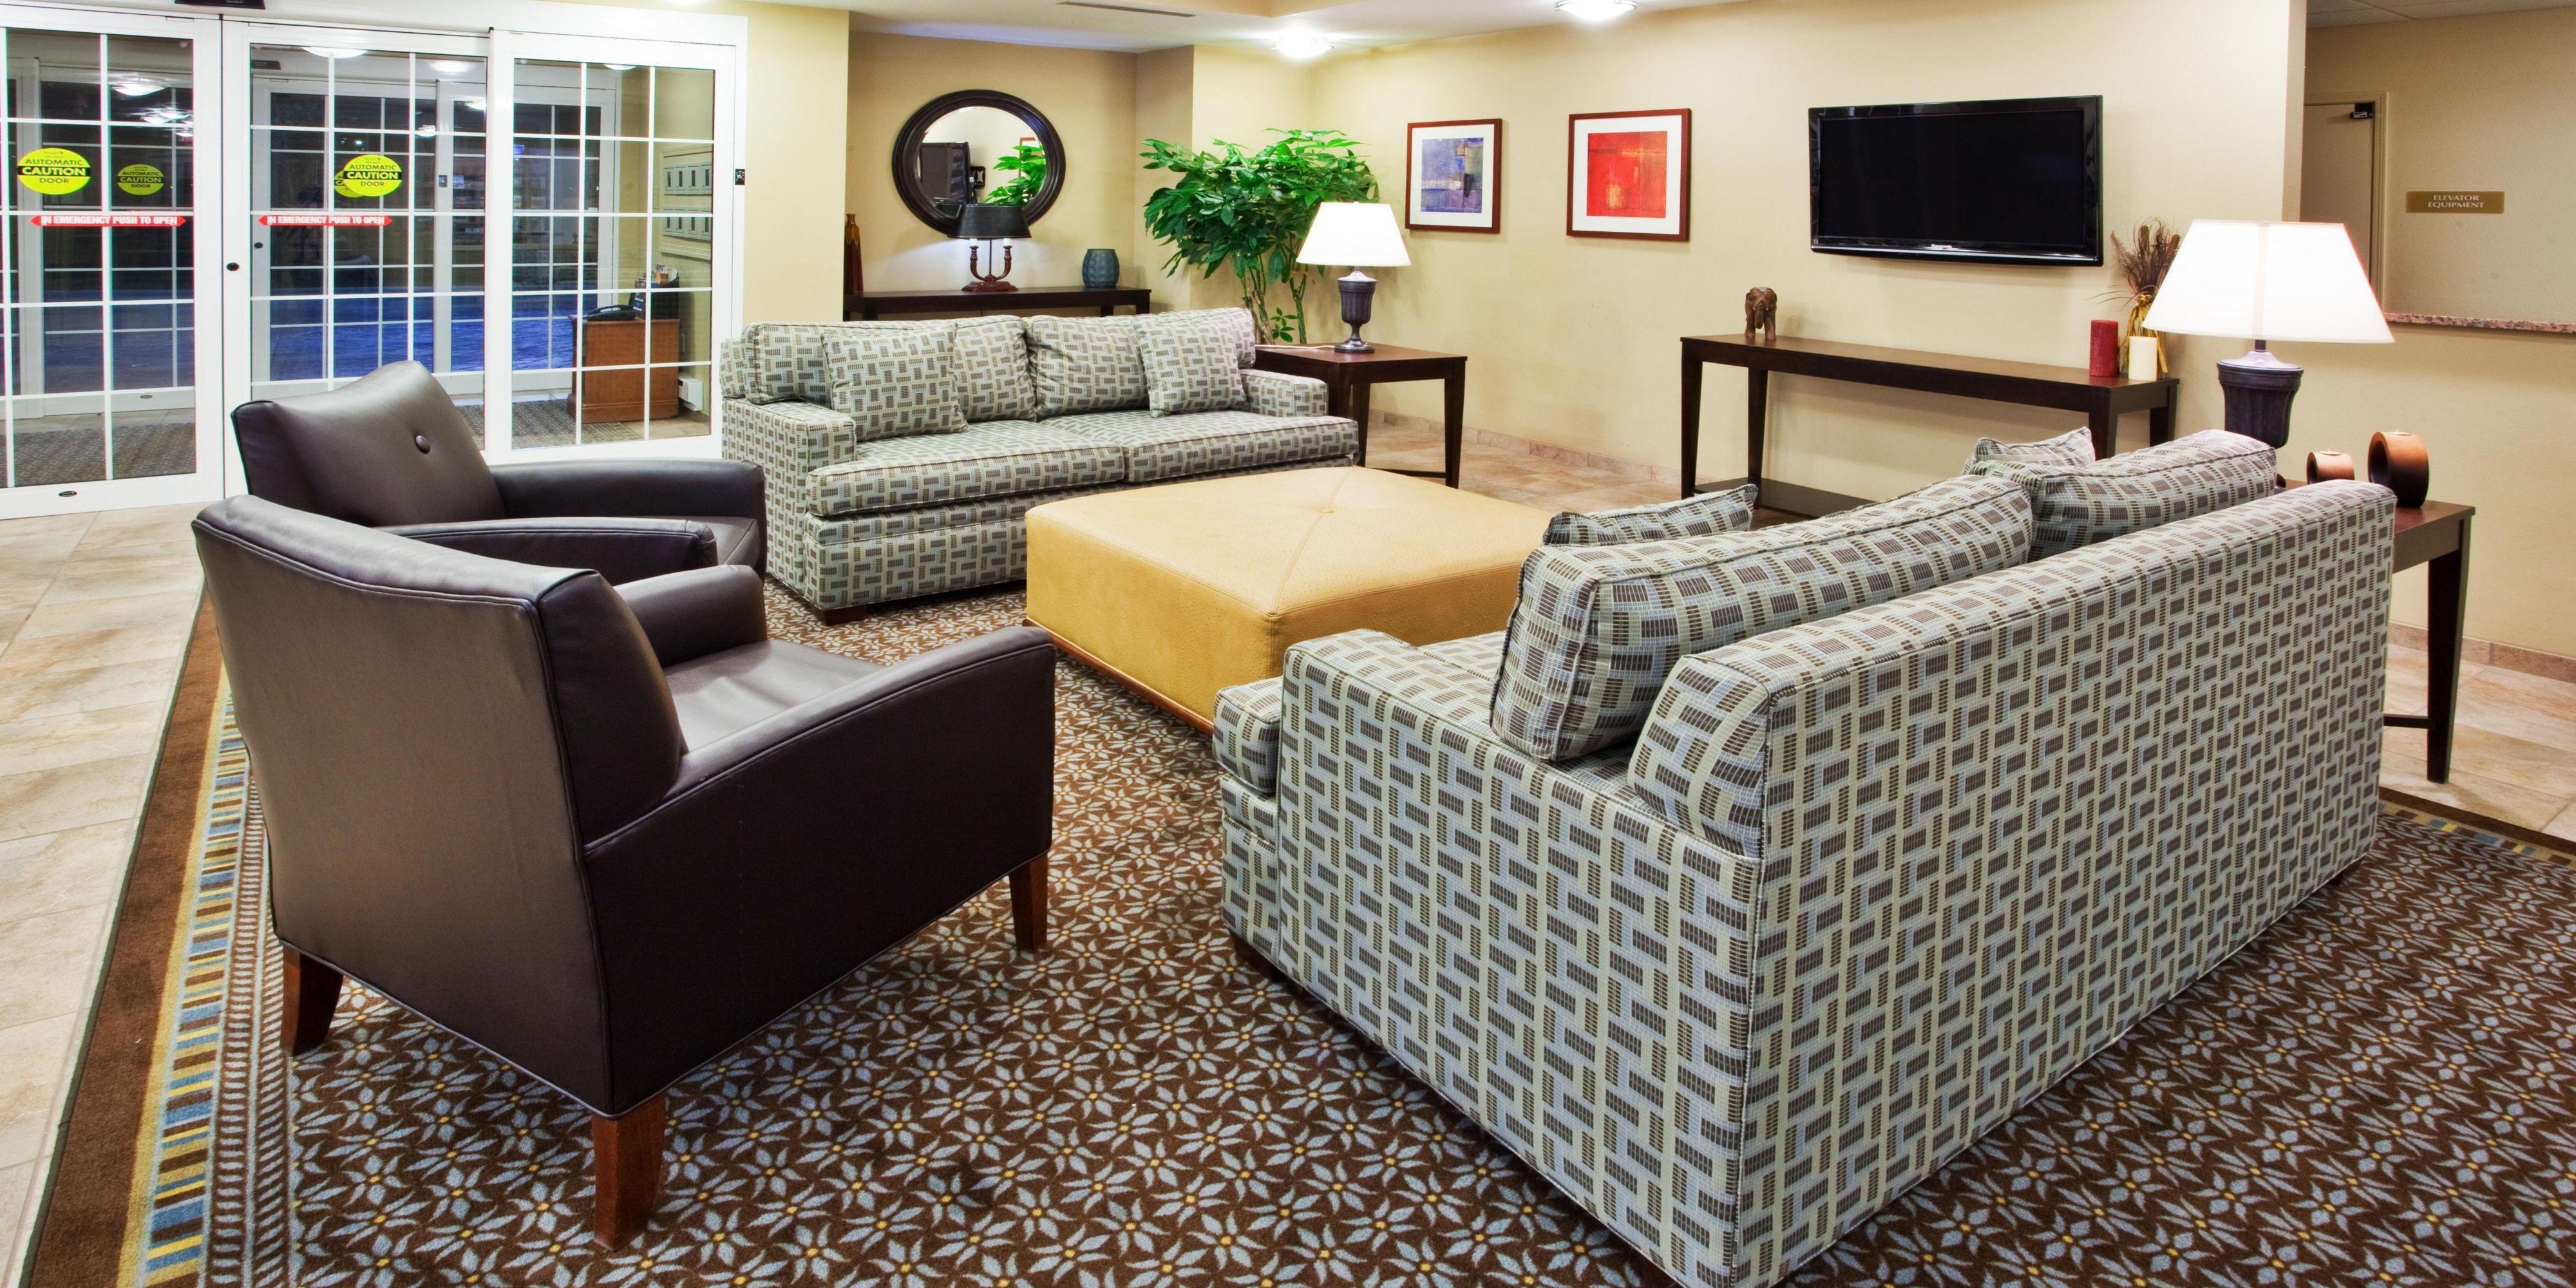 kalamazoo hotels candlewood suites kalamazoo extended stay hotel in kalamazoo michigan